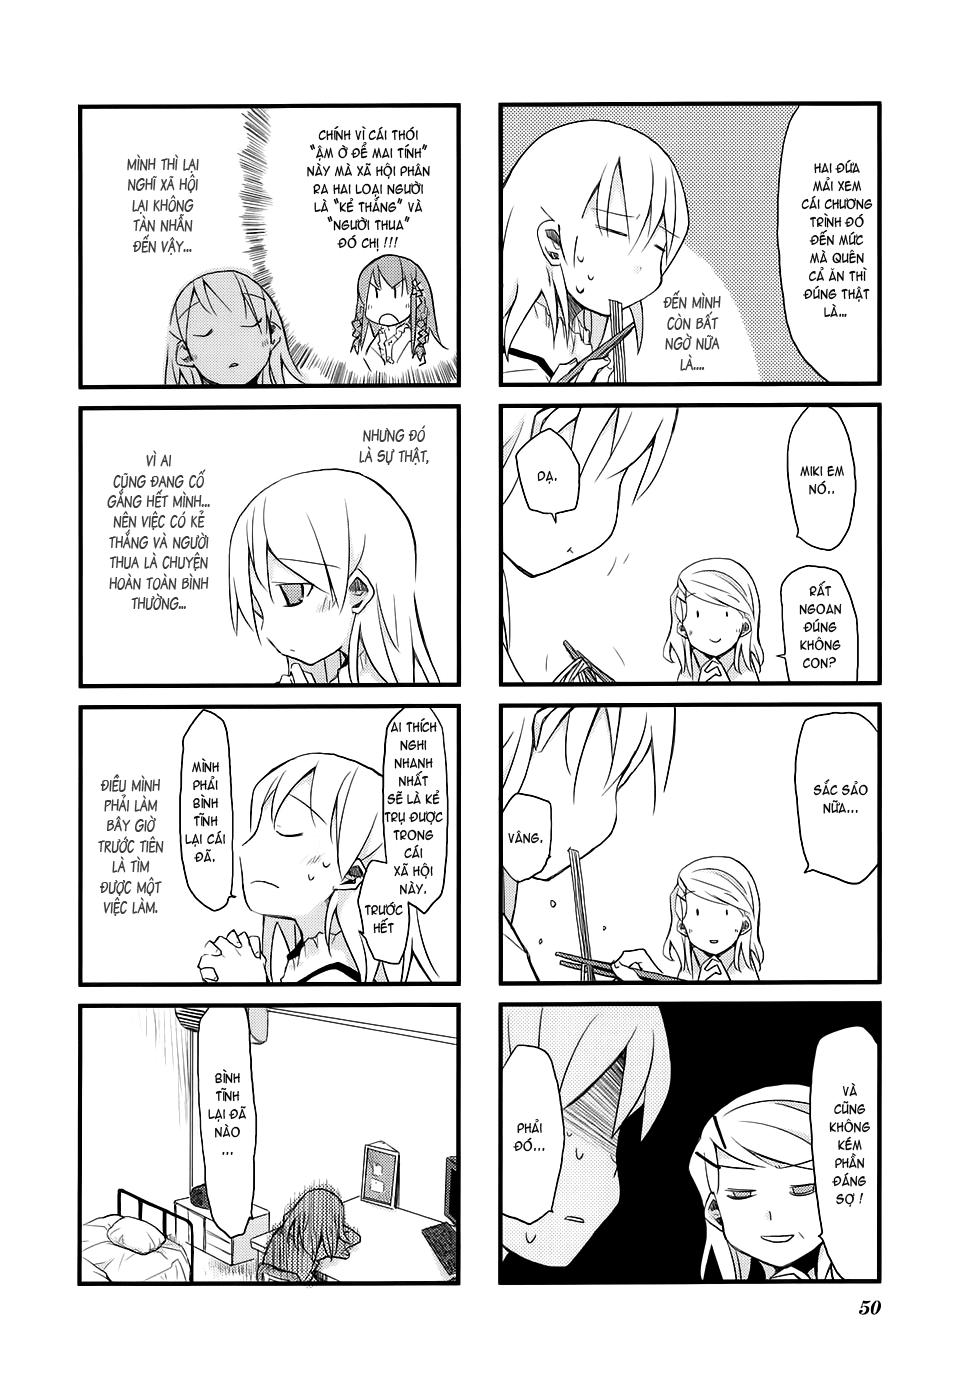 Sora no Shita Yane no Naka